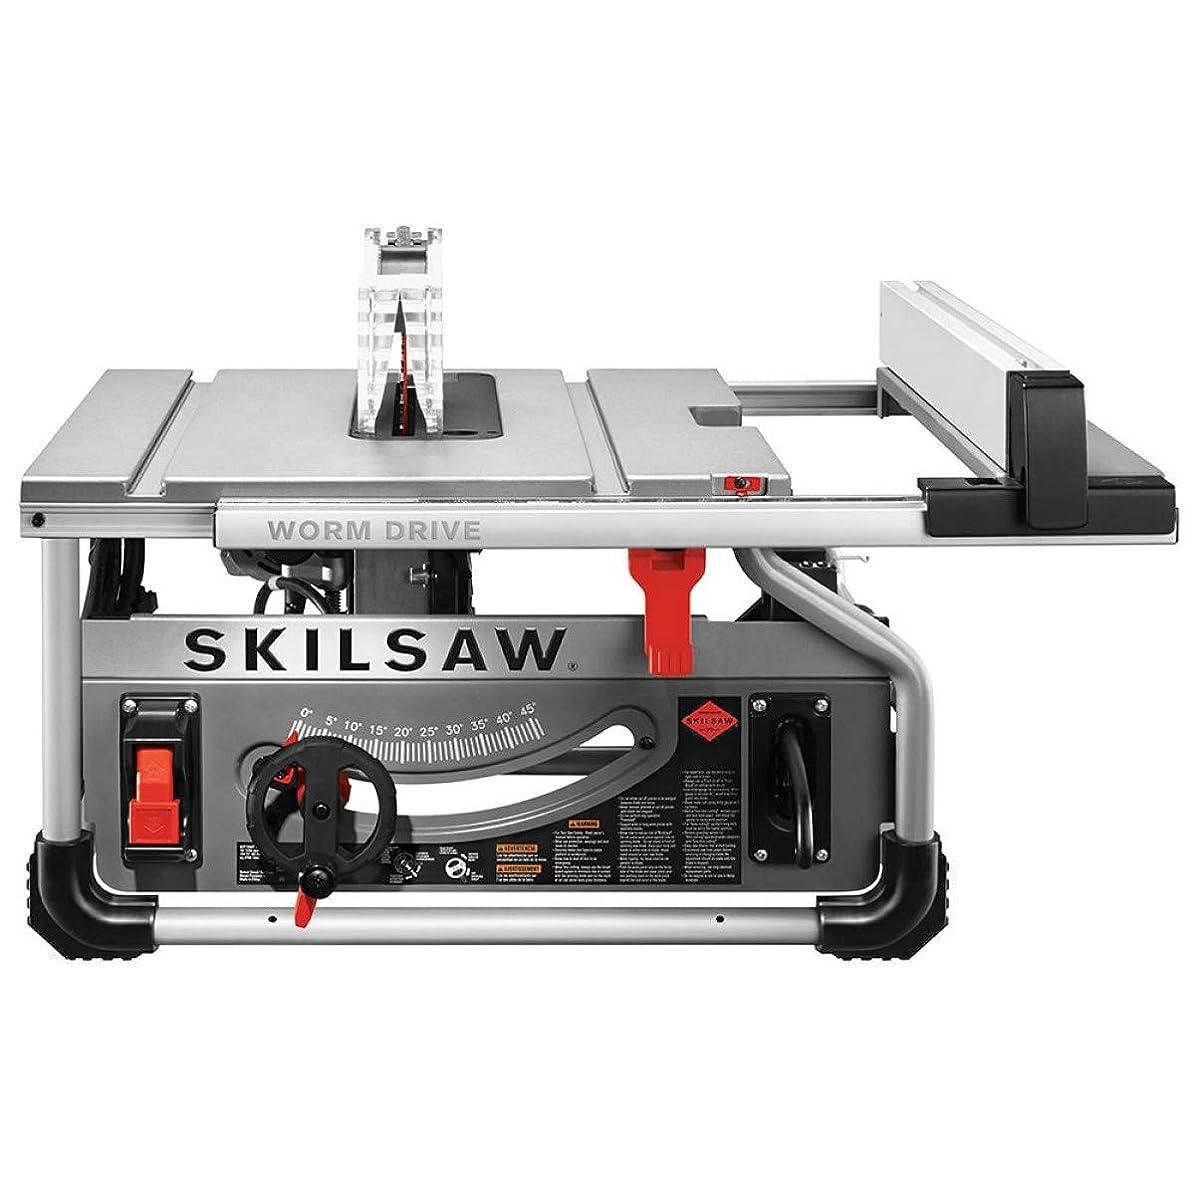 若者リフト確実SKILSAW 木工用テーブルソー SPT70WT-22 Portable Worm Drive Table Saw With Diablo Blade [並行輸入品]